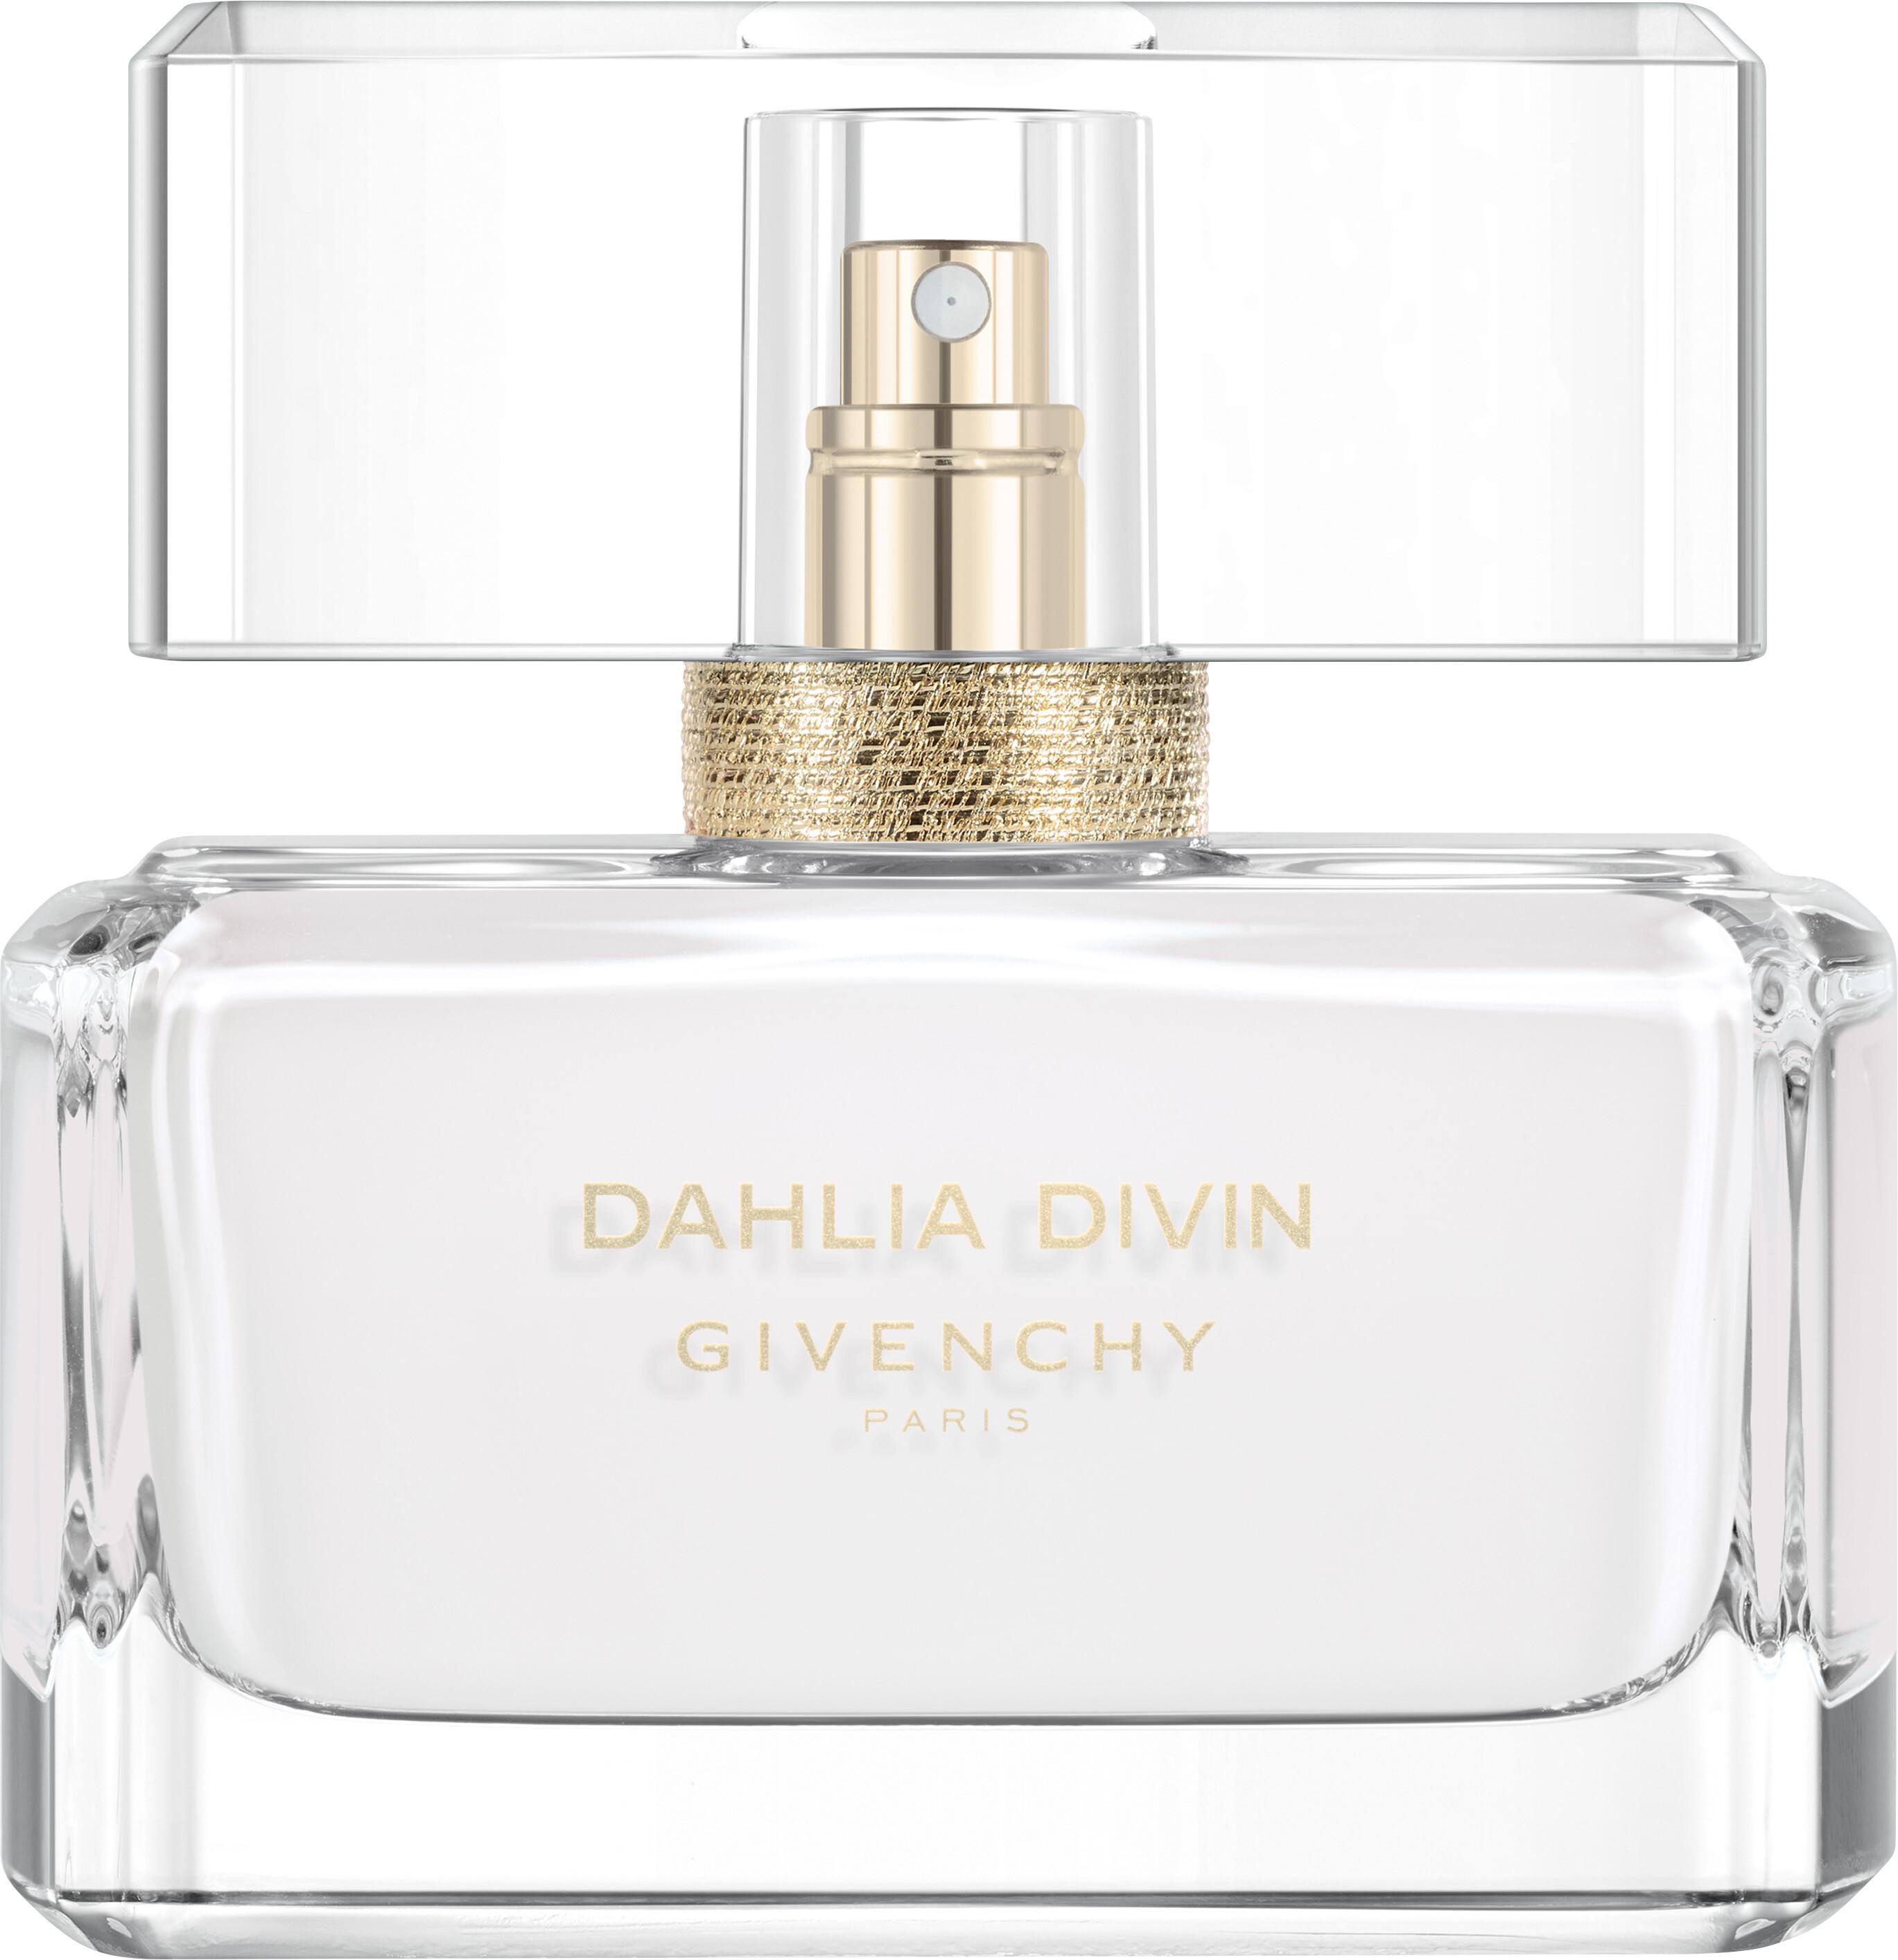 53e8b183f4 GIVENCHY Dahlia Divin Eau Initiale Eau de Toilette Spray 50ml ...